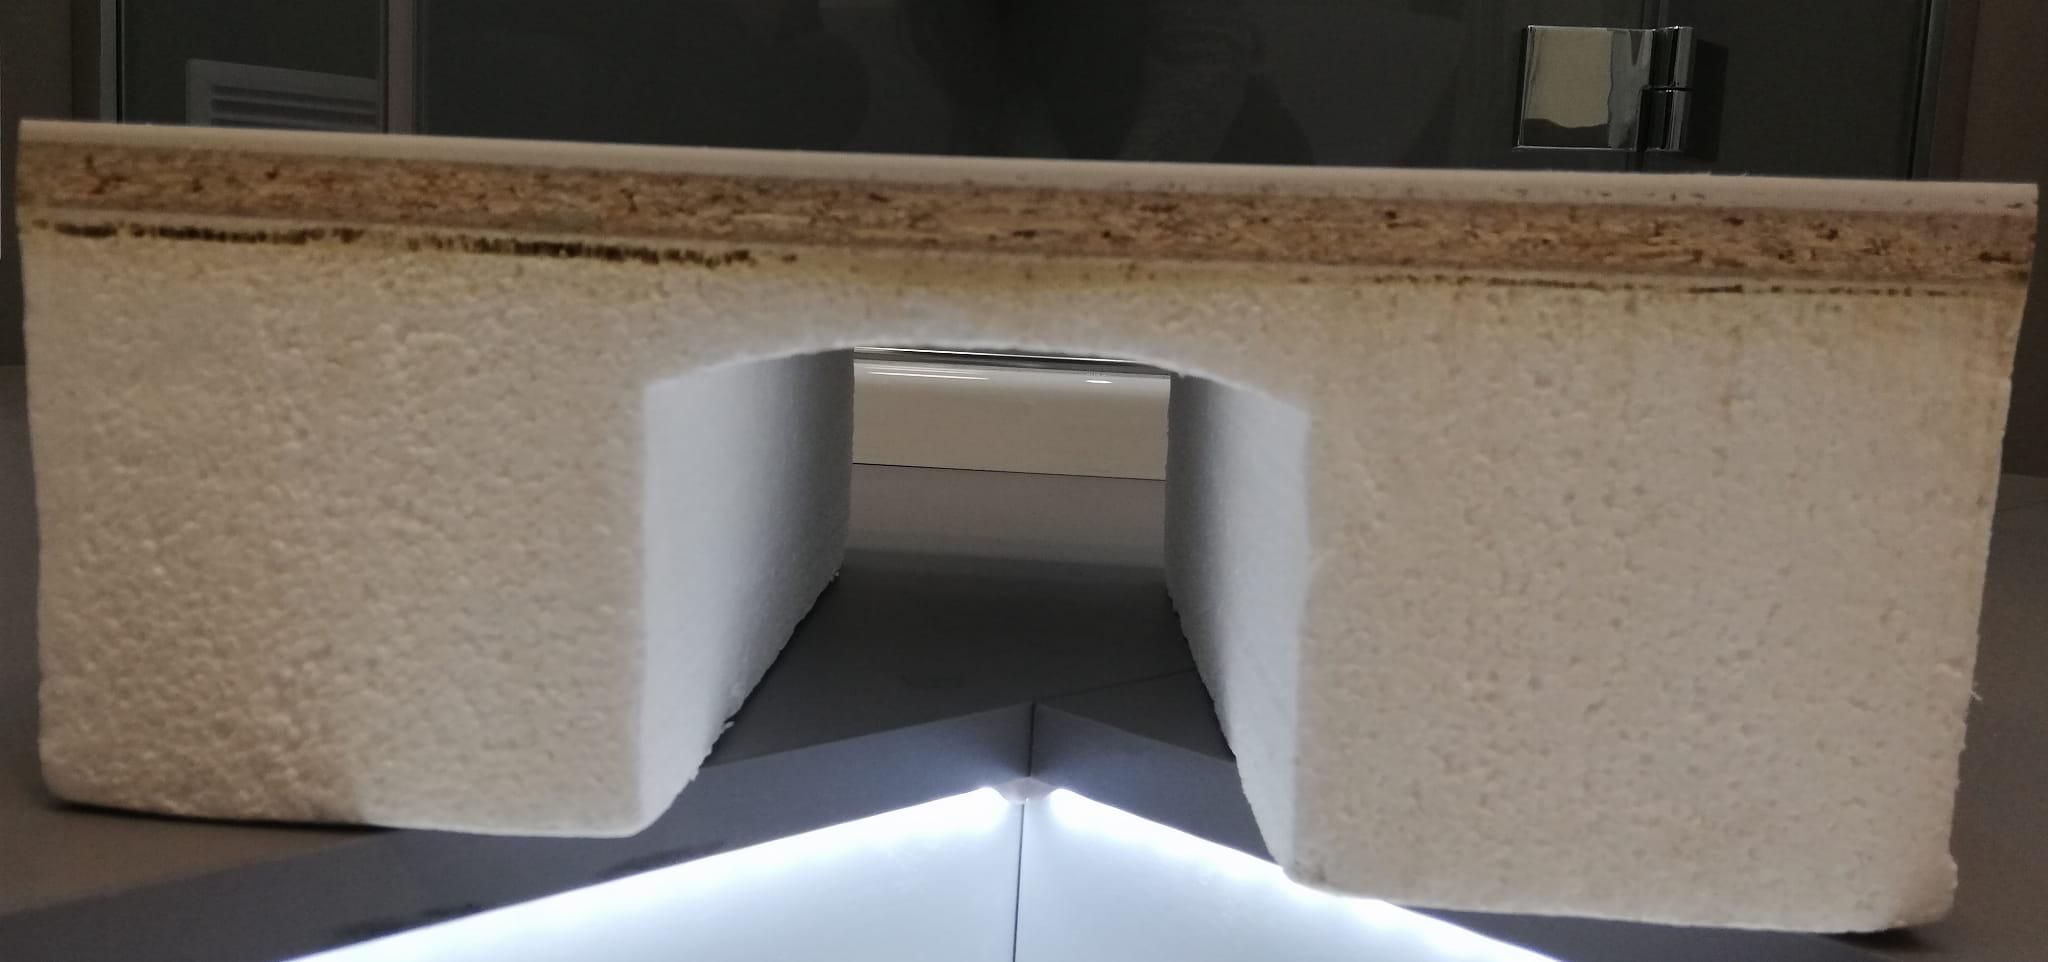 RADAWAY brodzik akrylowy na podstawie styropianowej Naxos C 90.  SNC9941-28